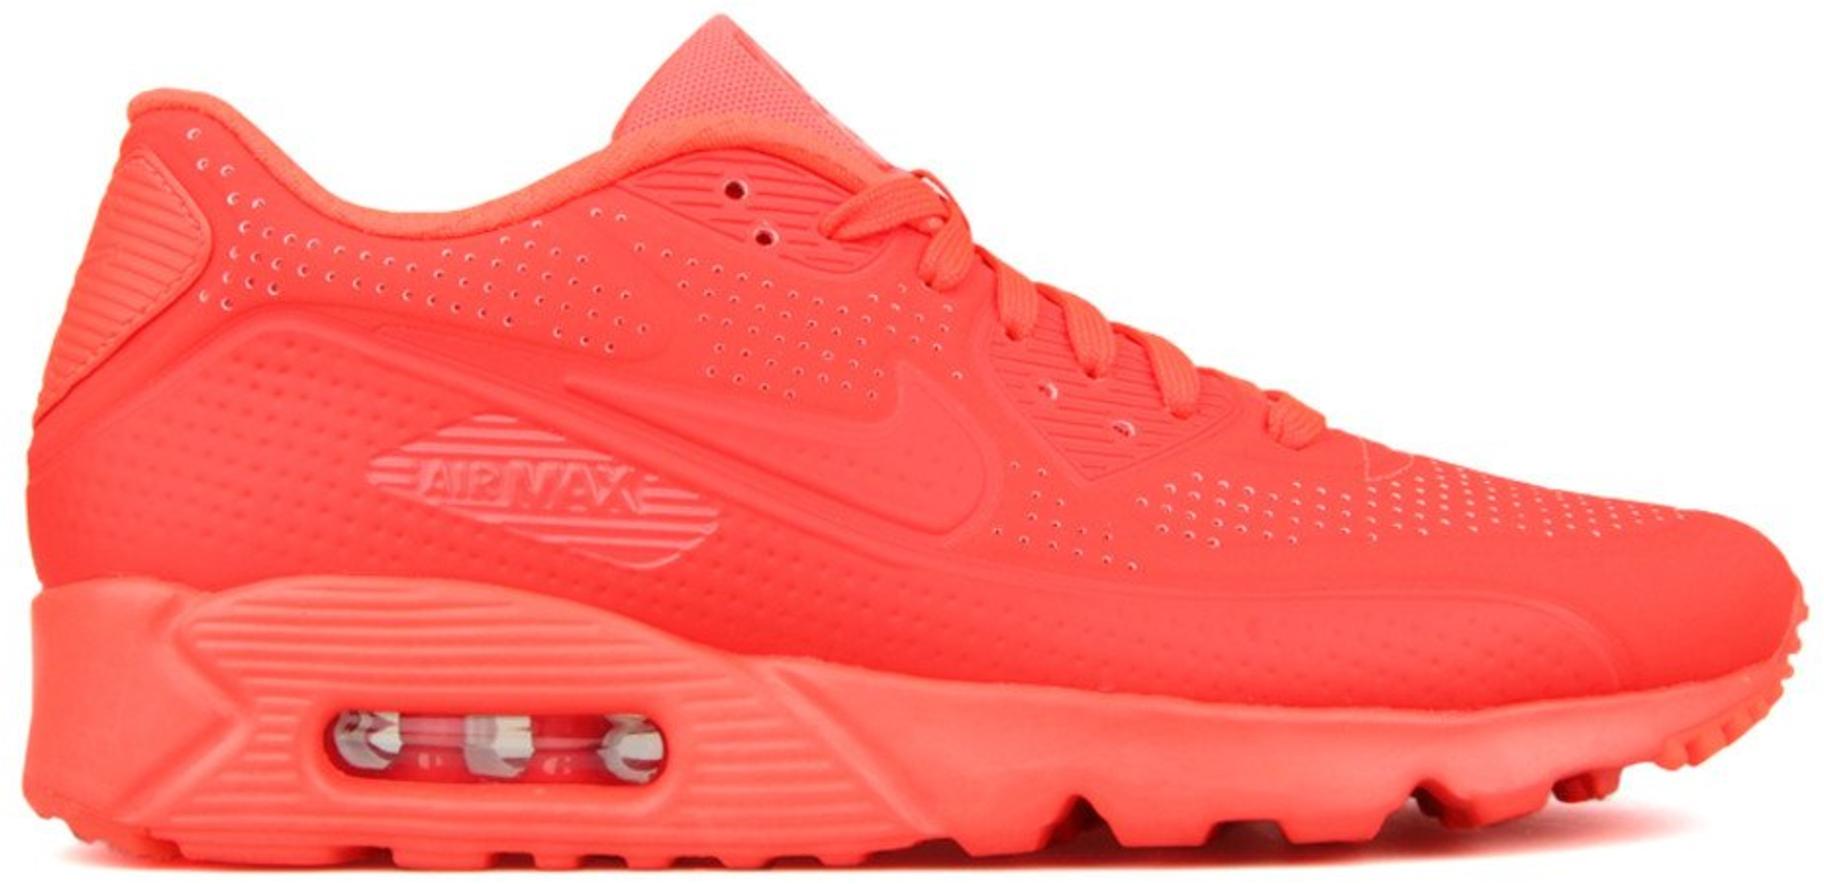 Nike Air Max 90 Ultra Moire Bright